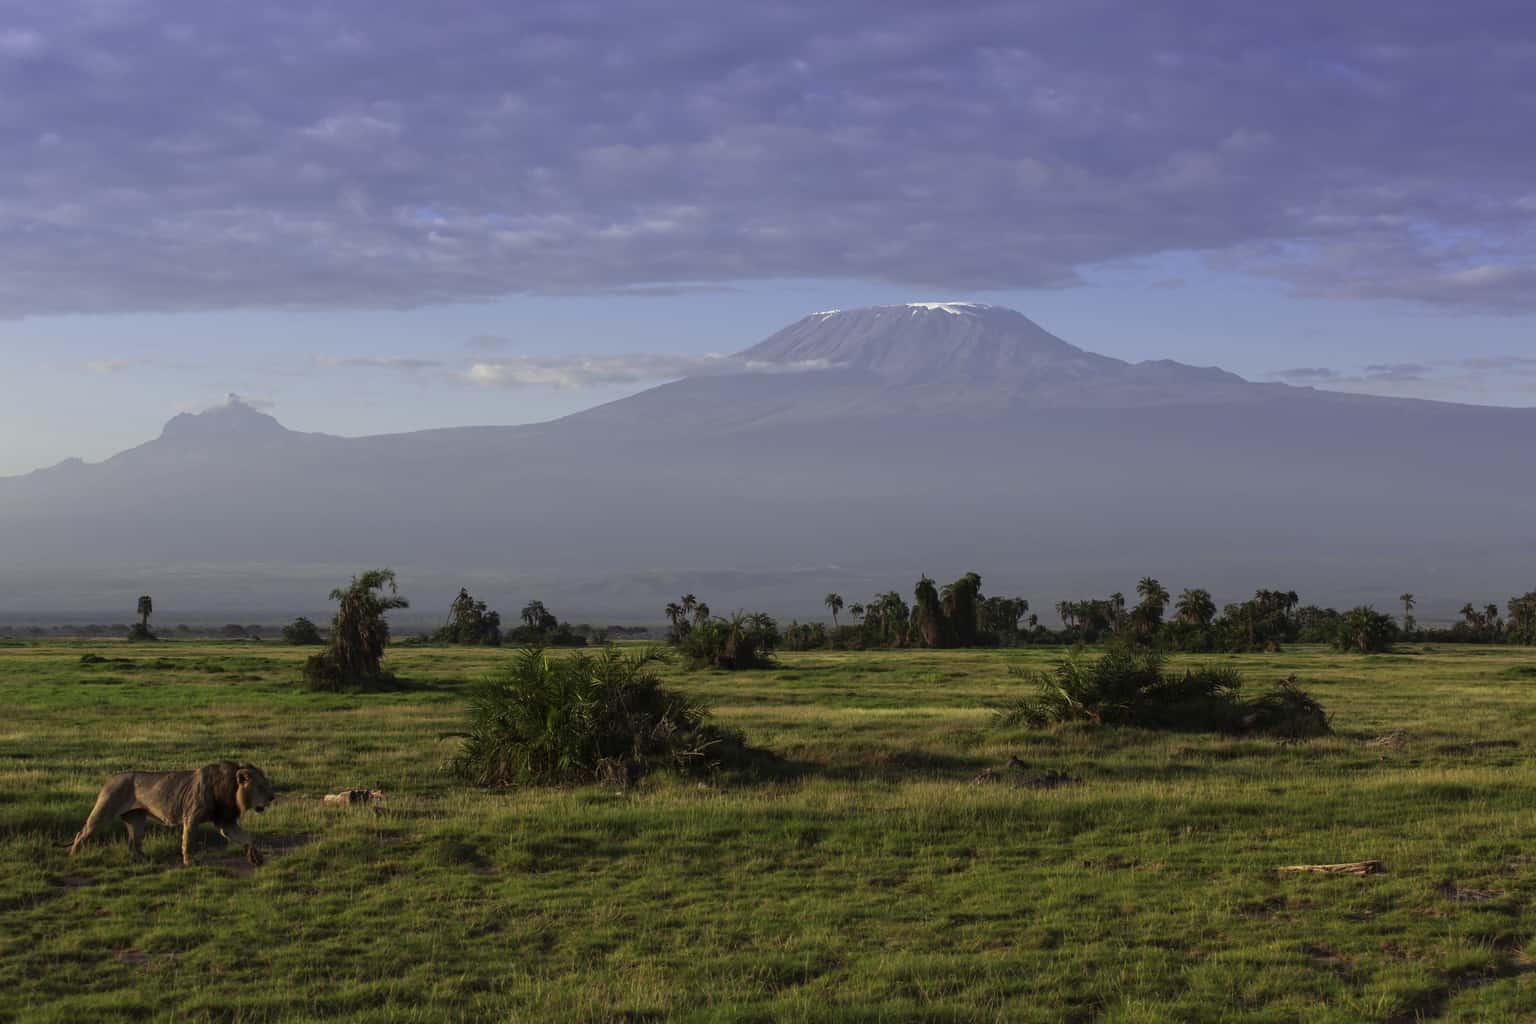 O-Amboseli-ocupa-uma-área-de-quase-40-mil-hectares-e-foi-declarado-Reserva-da-Biosfera-pela-Unesco-em-1991.